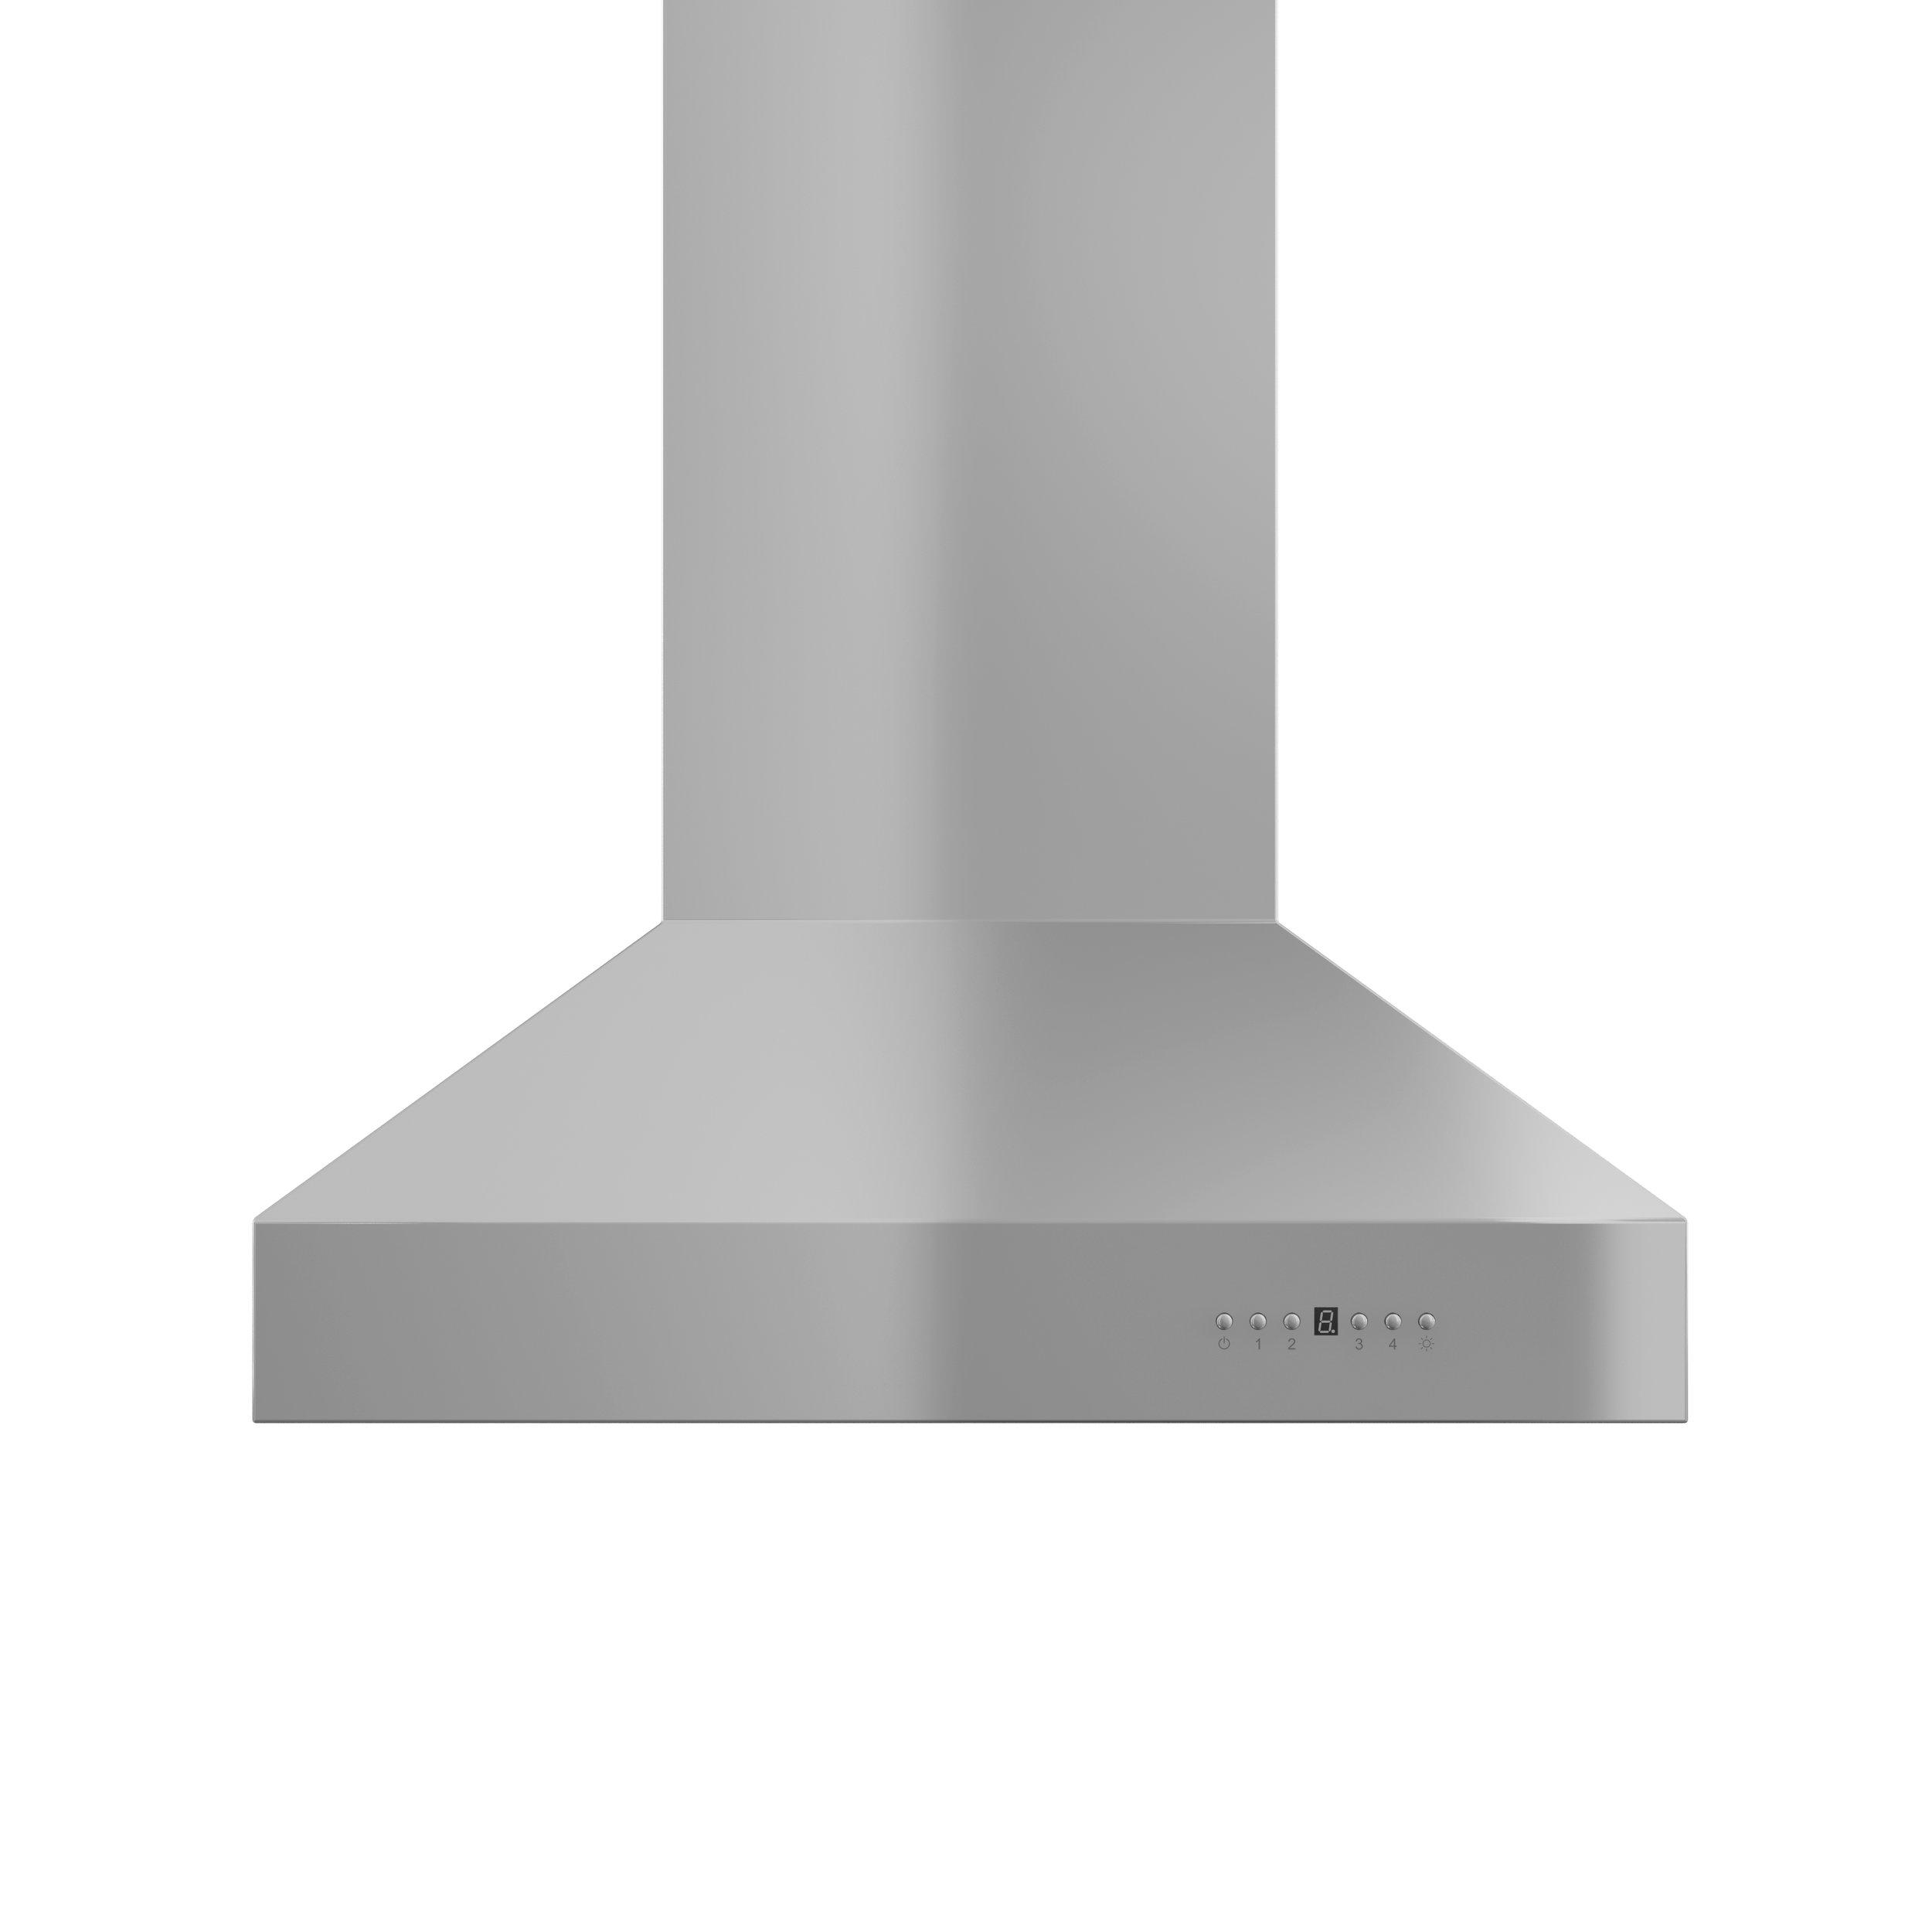 zline-stainless-steel-island-range-hood-697i-front.jpg